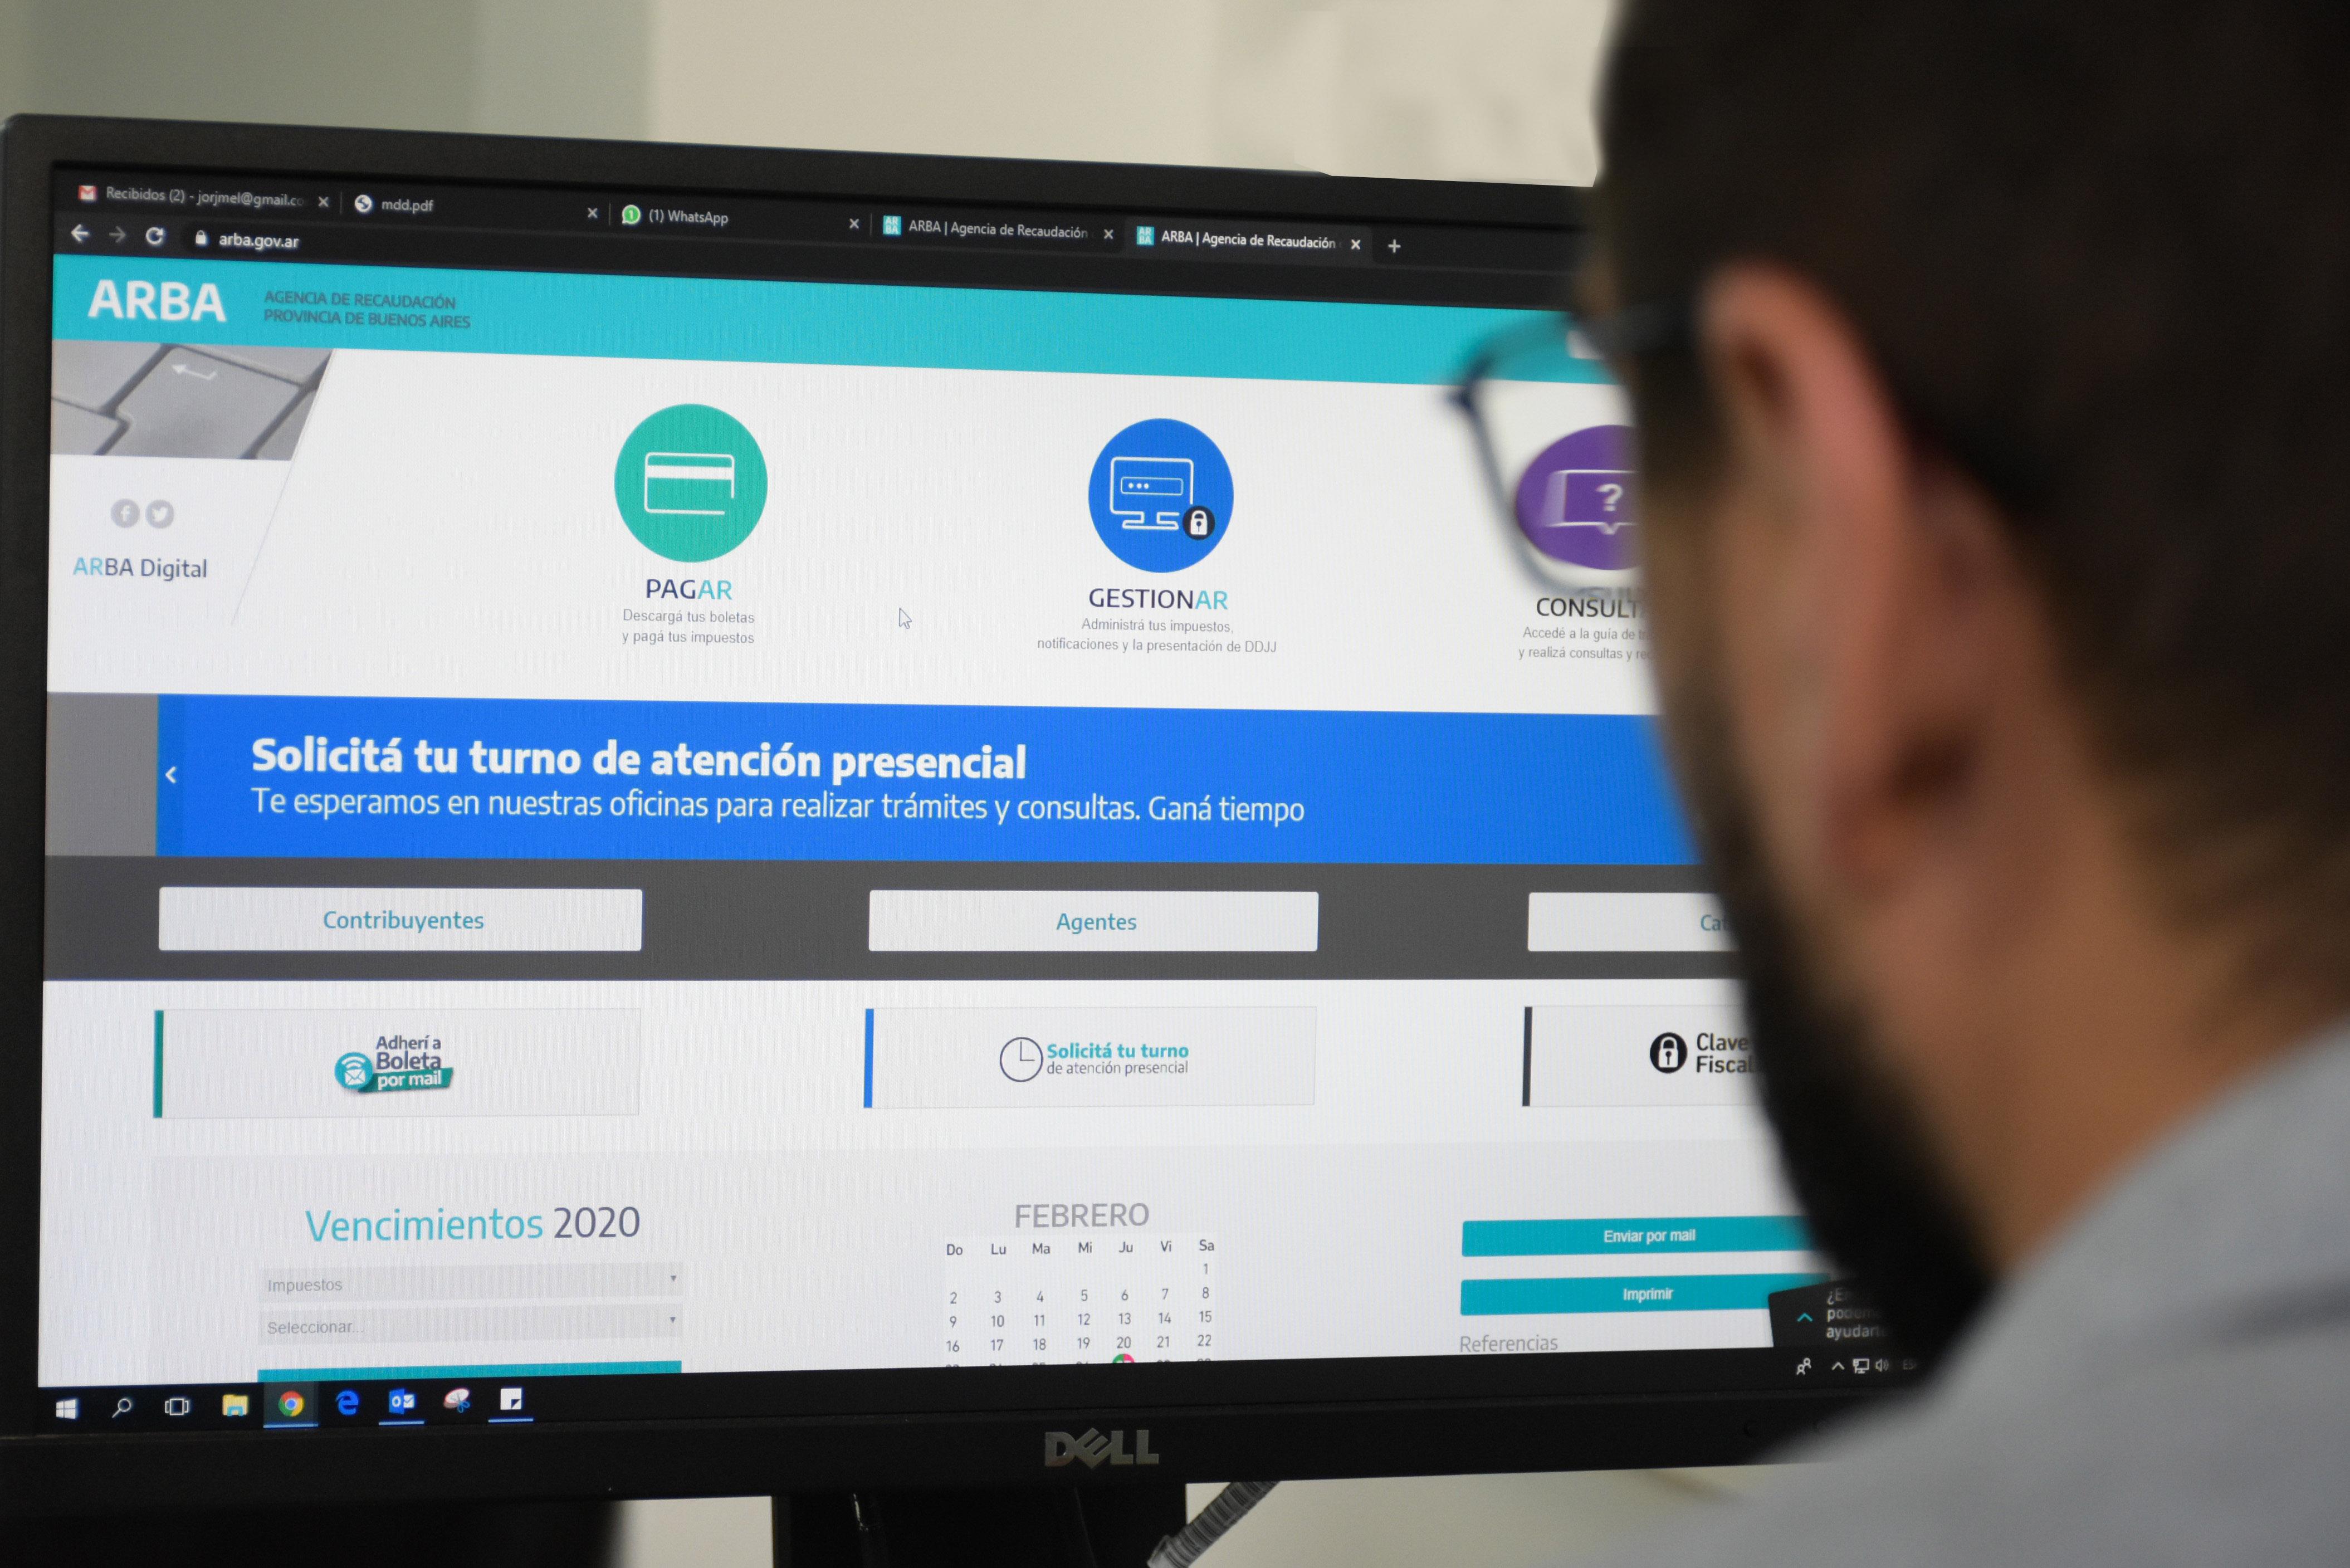 ARBA permite realizar una gran cantidad de trámites online.